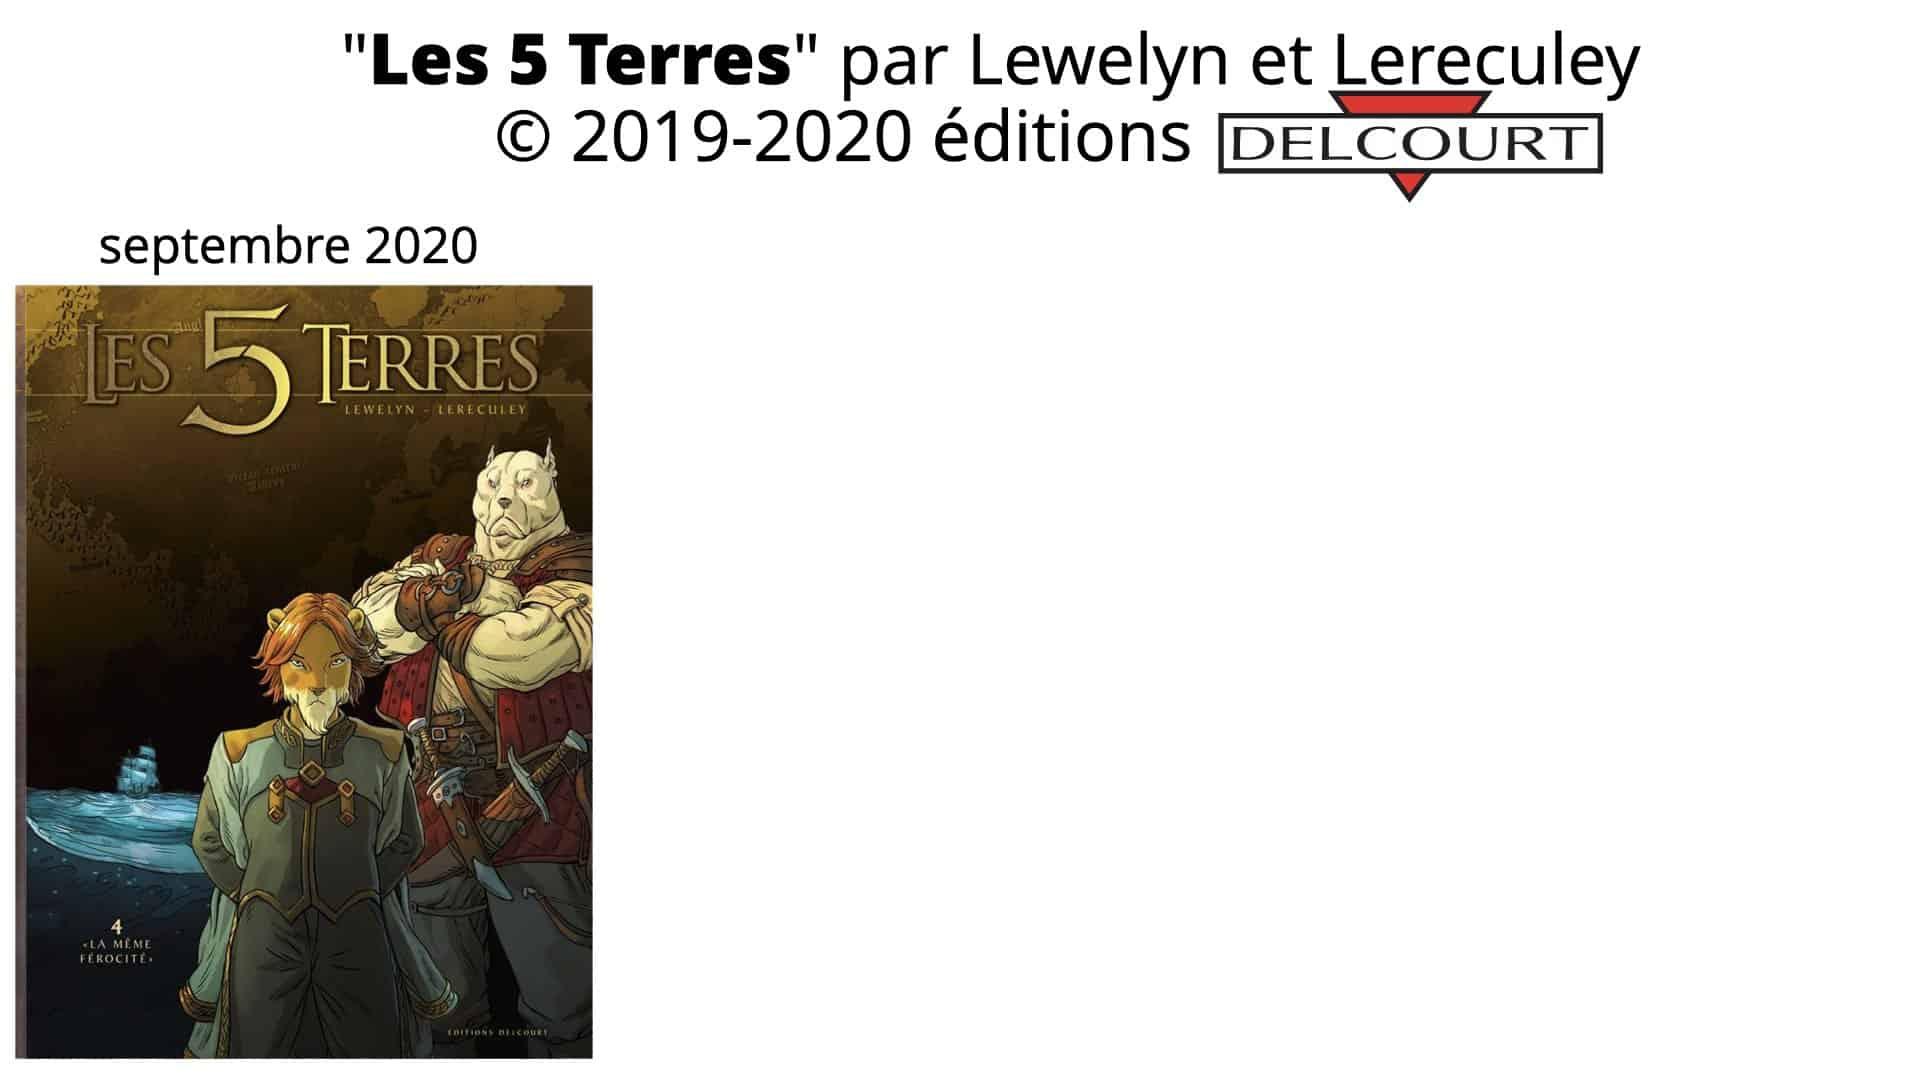 générique Delcourt Soleil 2021 ***16:9***.045